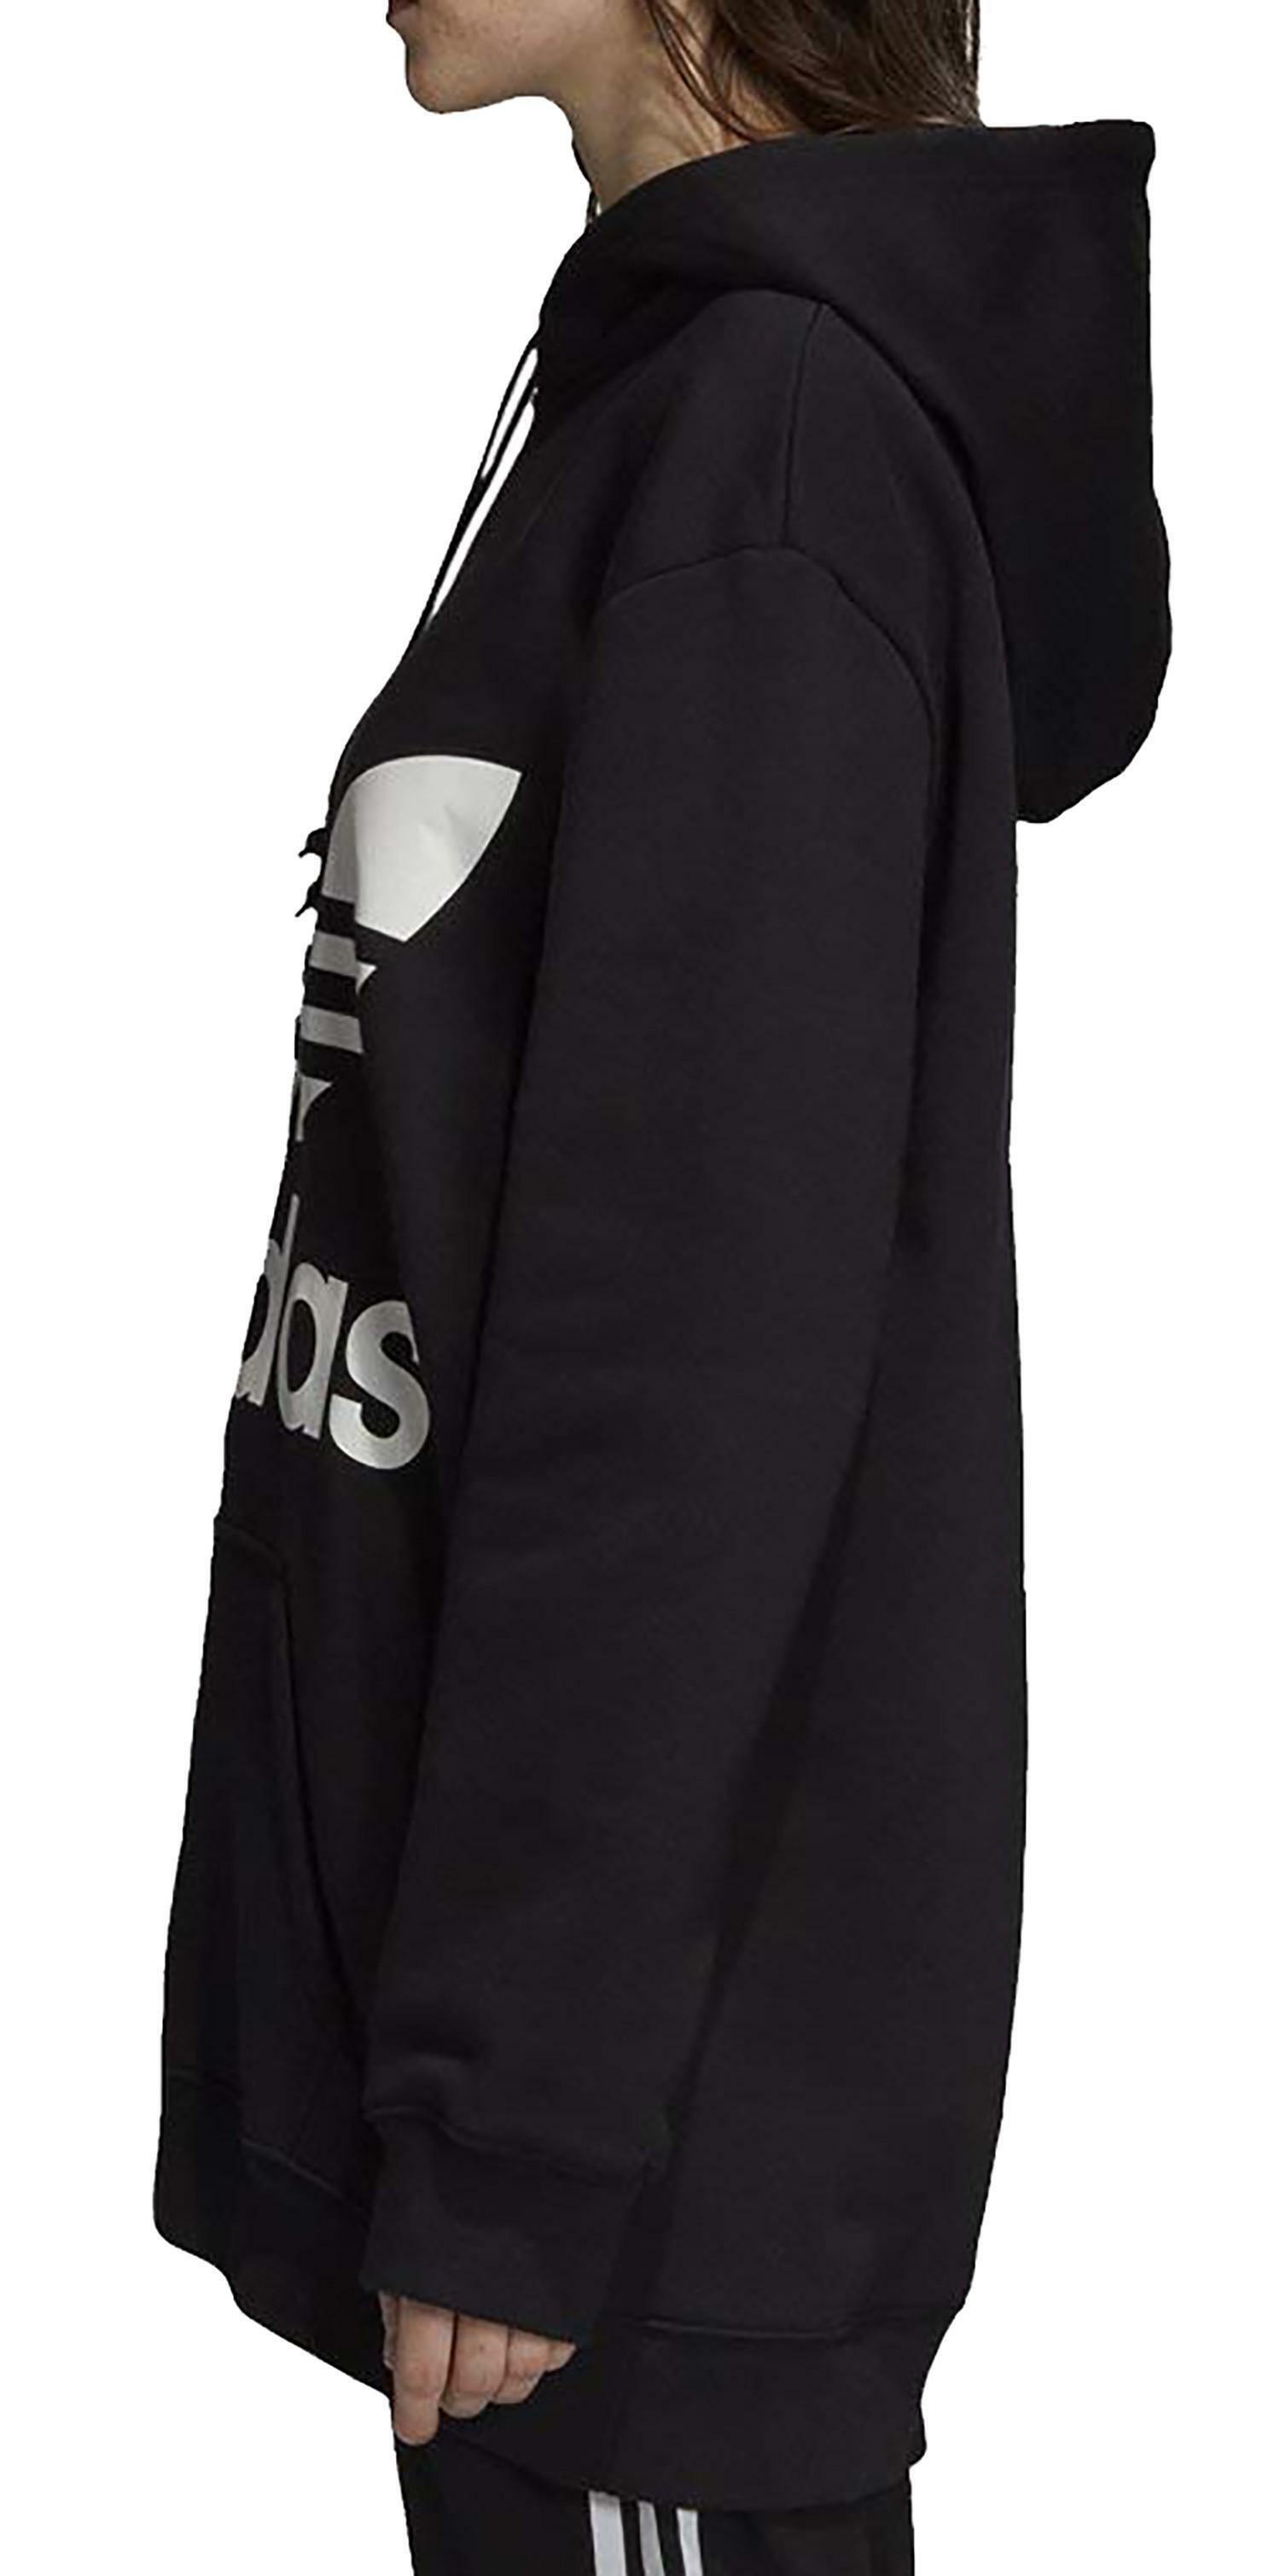 adidas originals adidas hoodie felpa donna cappuccio nera dj2094